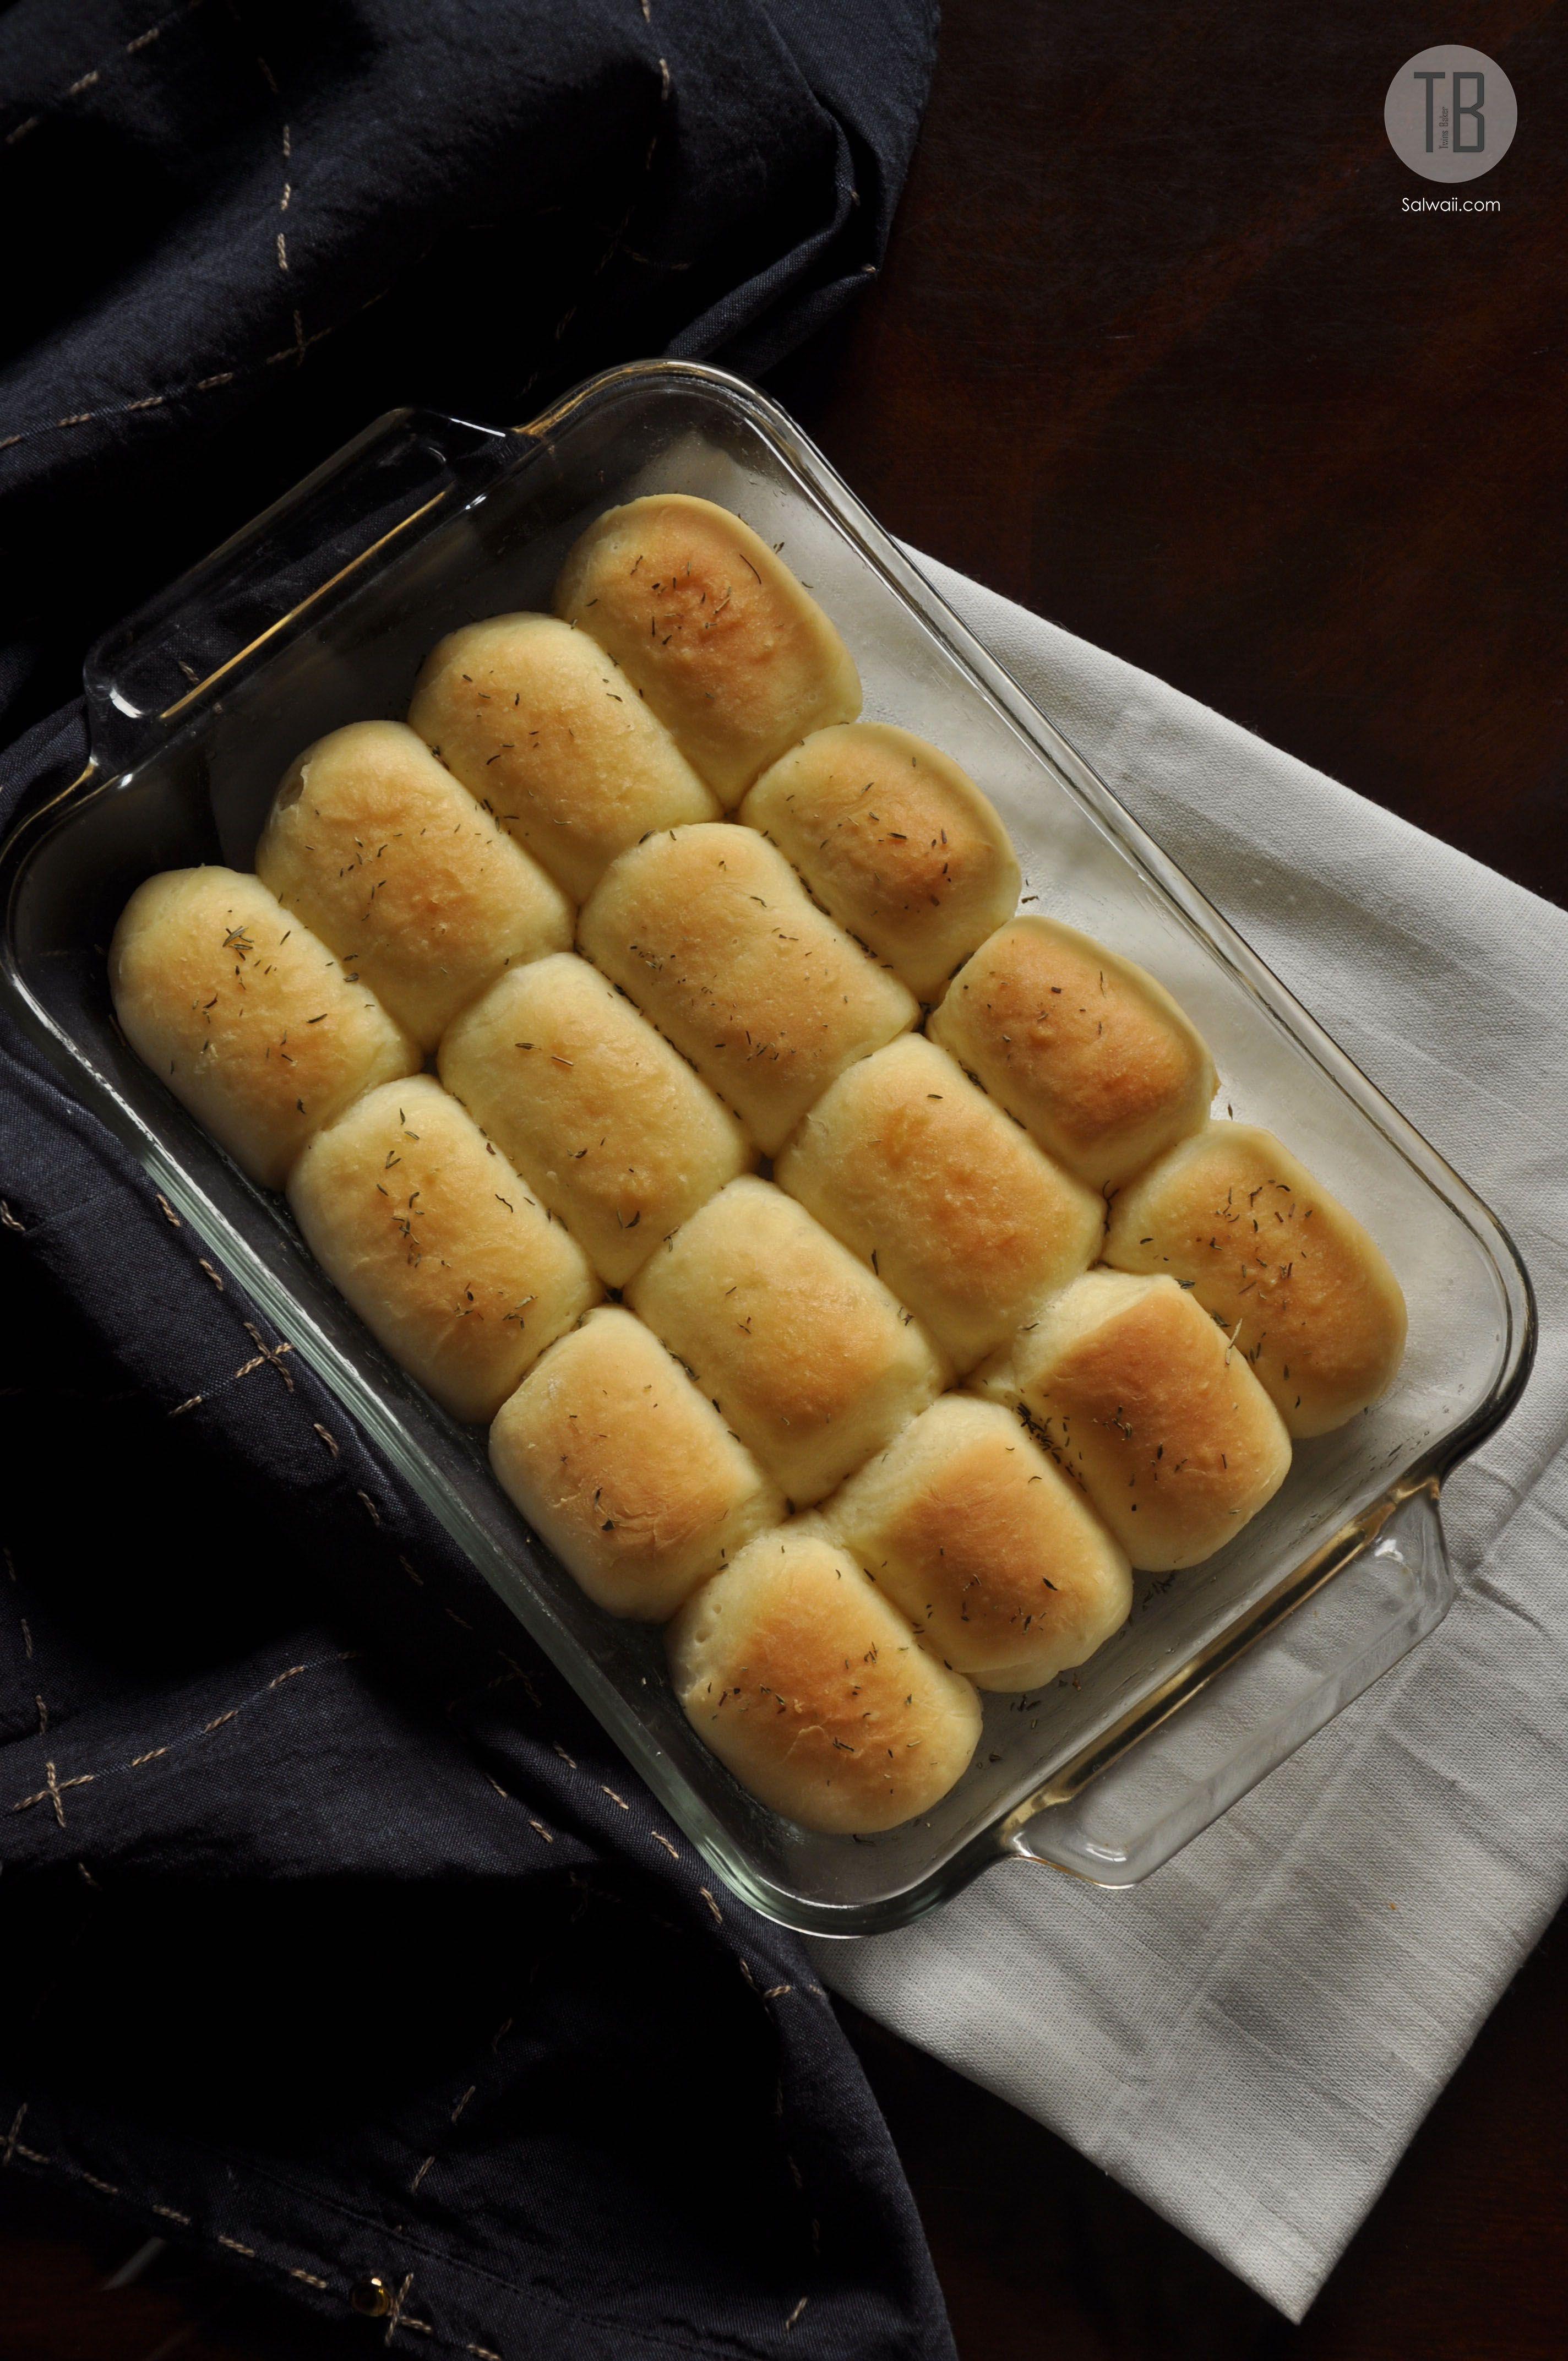 خبز الدينر رولز Dinner Rolls Hot Dog Buns Bread Dinner Rolls